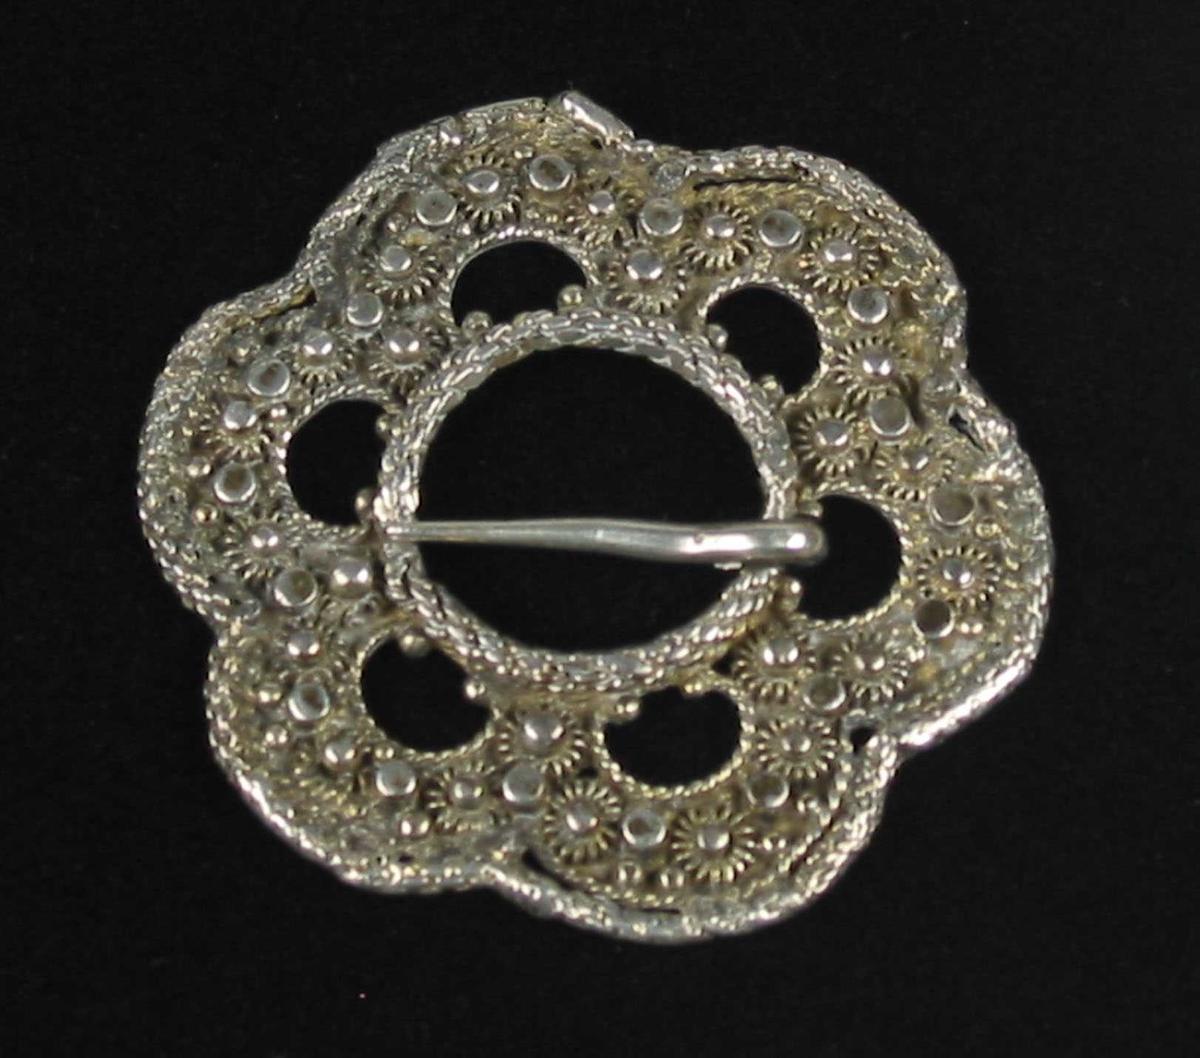 Lita forgylt rosettformet slangesølje i sølv. Sølja består av seks segmenter påsatt knupper og perlekruser.  Segmentene er kantet med tvinnetrådsbånd.Tornringen og kanten ytterst er formet av en rørtrådsring. Tornringen er noe opphøyet. Sølja har ingen synlige stempler.